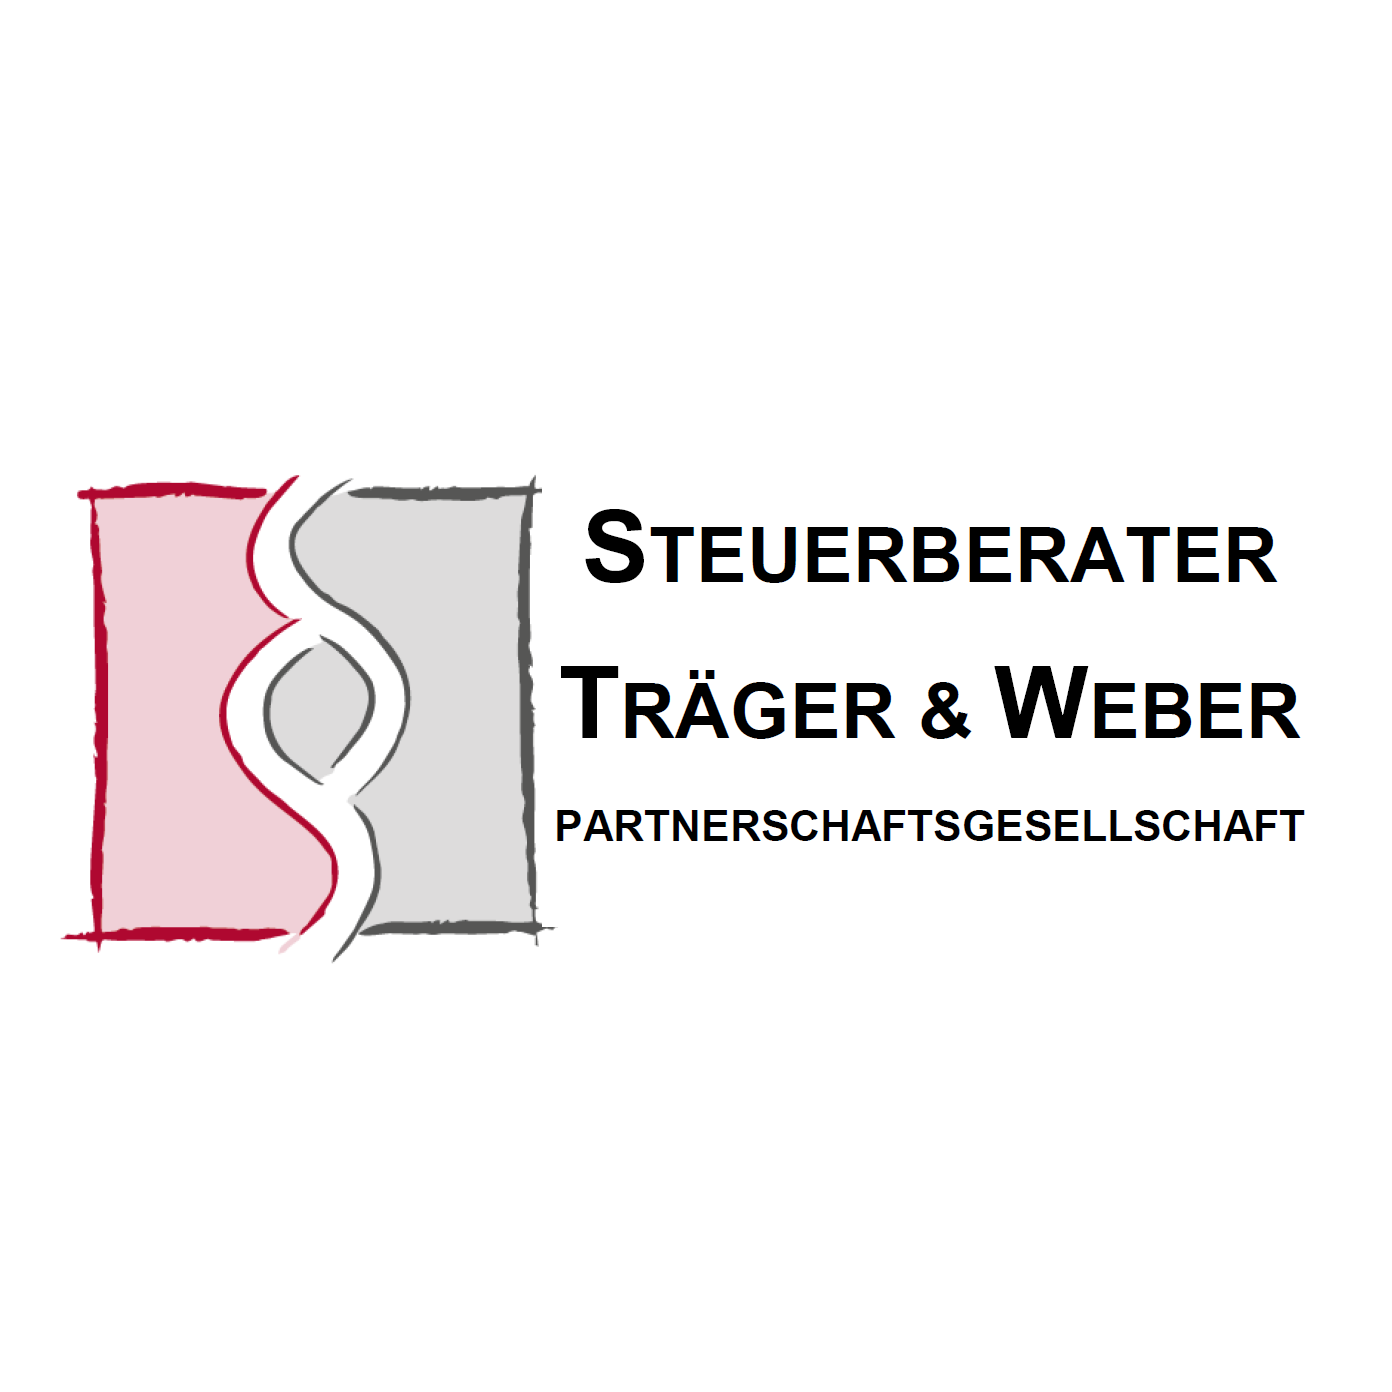 Bild zu Steuerberater Träger & Weber Partnerschaftsgesellschaft in Gießen